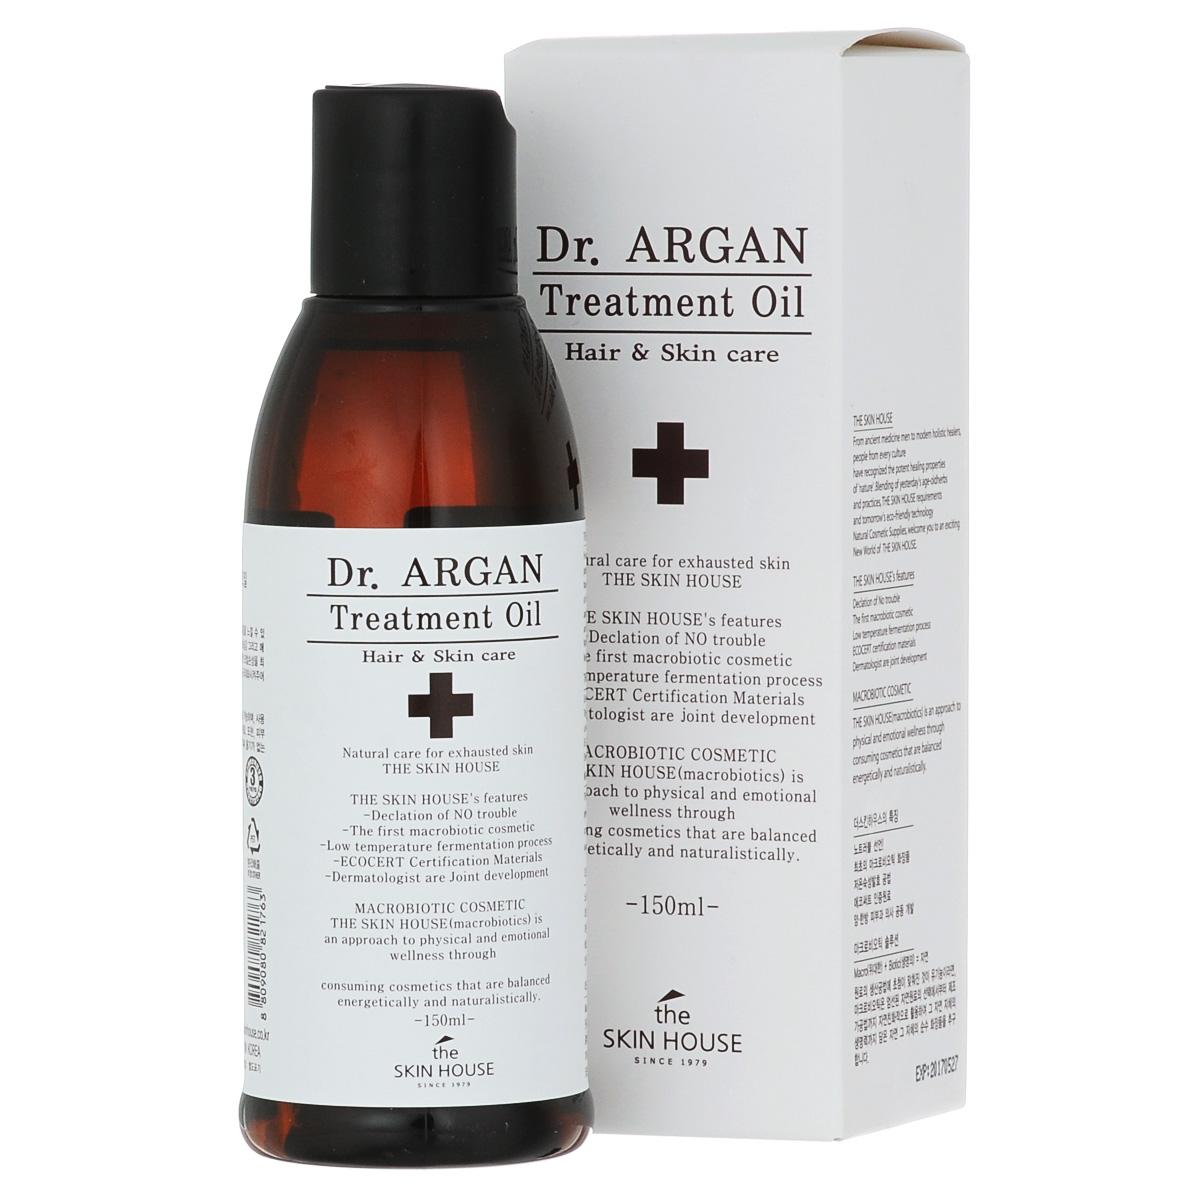 The Skin House Масло арганы для восстановления волос DR. Argan treatment oil, 150 млУТ000001222Увлажняющая эссенция, не склеивающая волосы! Восстанавливающее масло Dr. Argan является многофункциональным средством, которое защищает поврежденные и окрашенные волосы, а так же кожу головы. Способствует обновлению клеток кожи, а так же увлажняет, заметно улучшая внешний вид волос. Защищает волосы от агрессивных факторов внешнего воздействия, а так же делает их шелковистыми и сильными. Смягчает волосы и придает им сияние. Состав: Dimethicone, Cyclomethicone, Dimethicone, Cyclopentasiloxane, Isopropyl Myristate, Dimethicone, Phenyl Trimethicone, Hexyl Laurate, Argania Spinosa Kernel Oil, Fragrance, Ethylhexyl Methoxycinnamate, Rosa Canina Fruit Oil, Simmondsia Chinensis (Jojoba) Seed Oil, Camellia Japonica Seed Oil, Phenoxyethanol